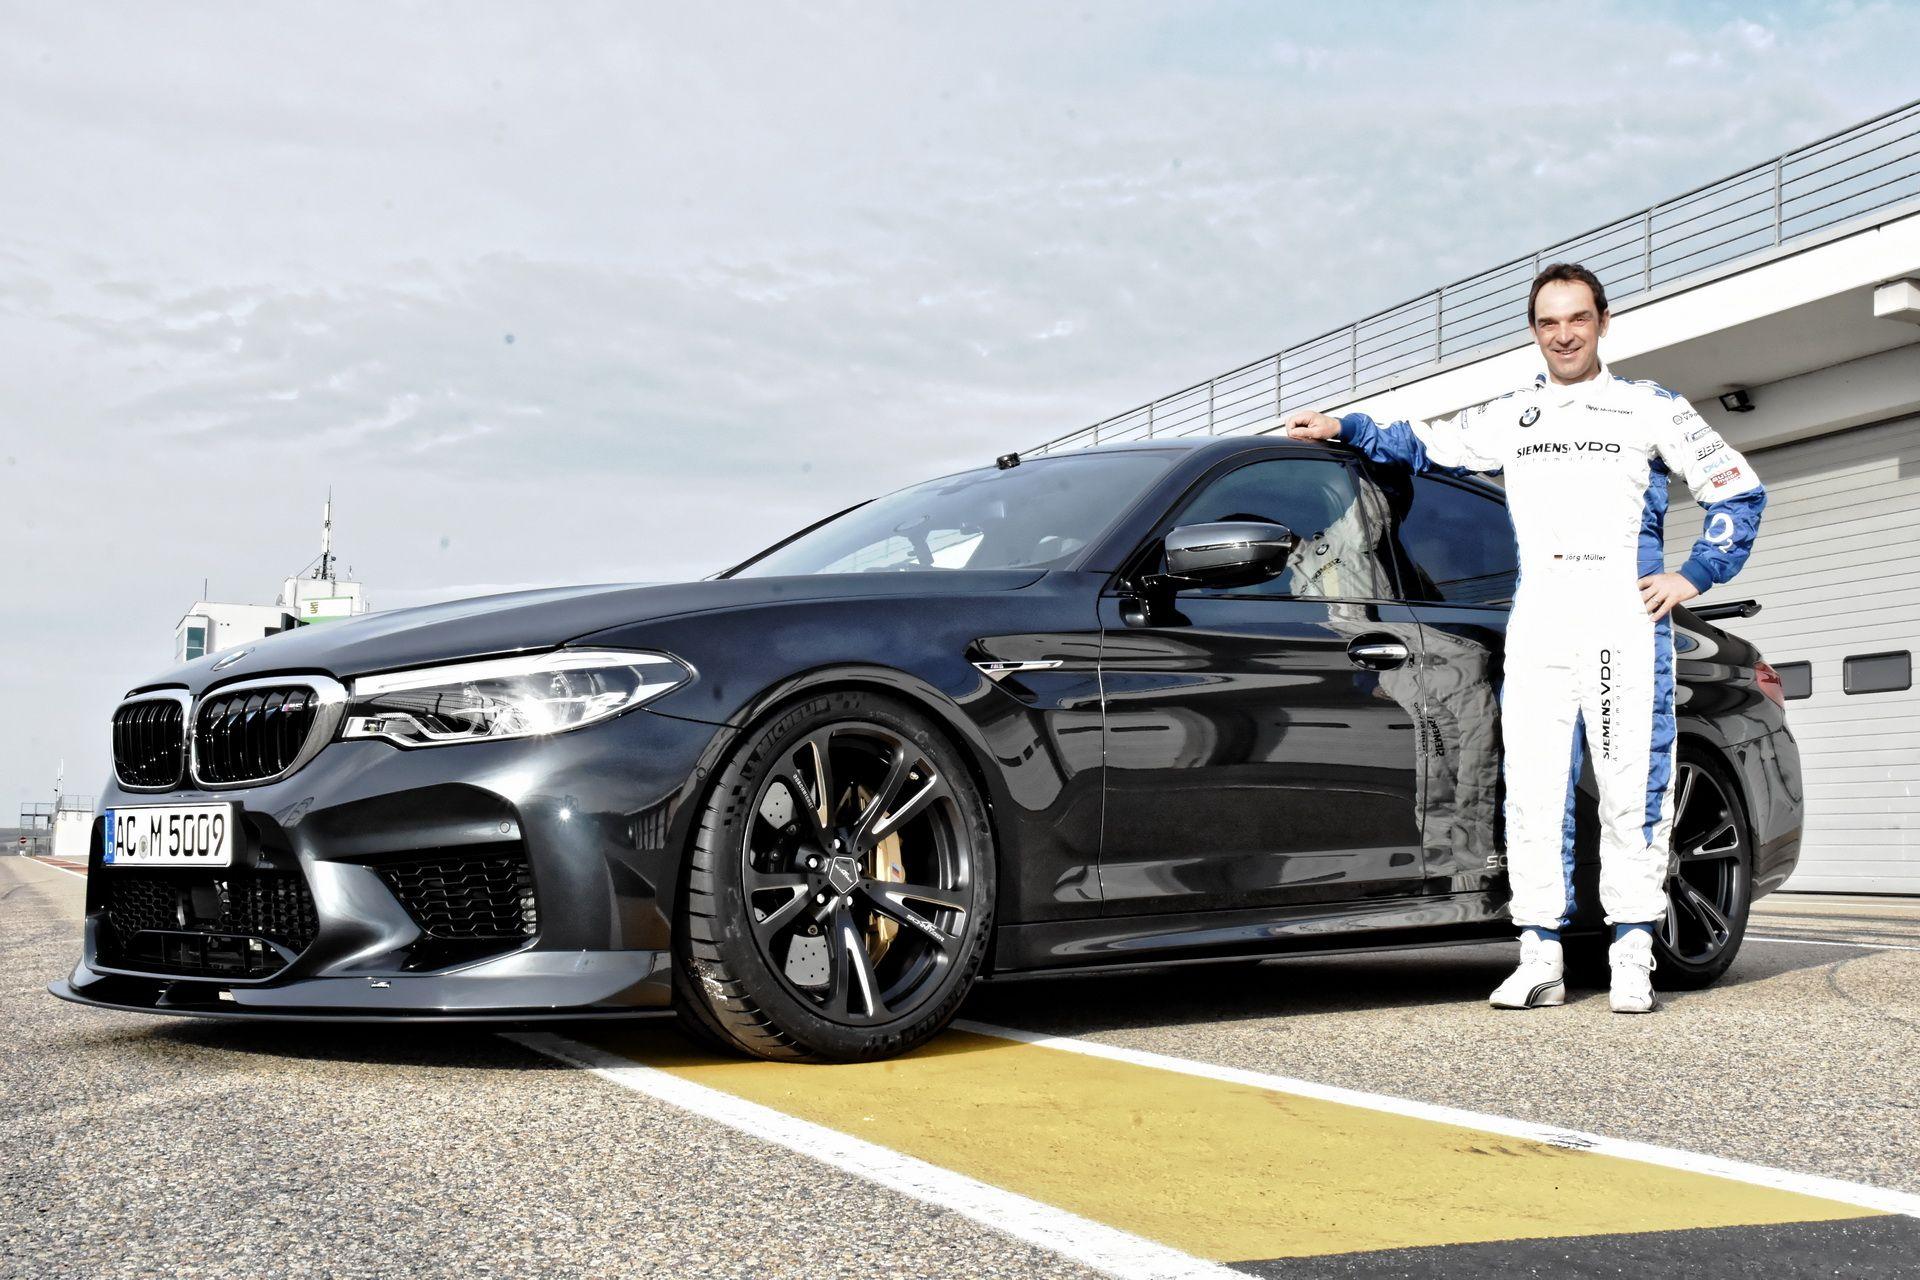 Circuito Sachsenring : Spettacolo abarth sul circuito tedesco del sachsenring con il